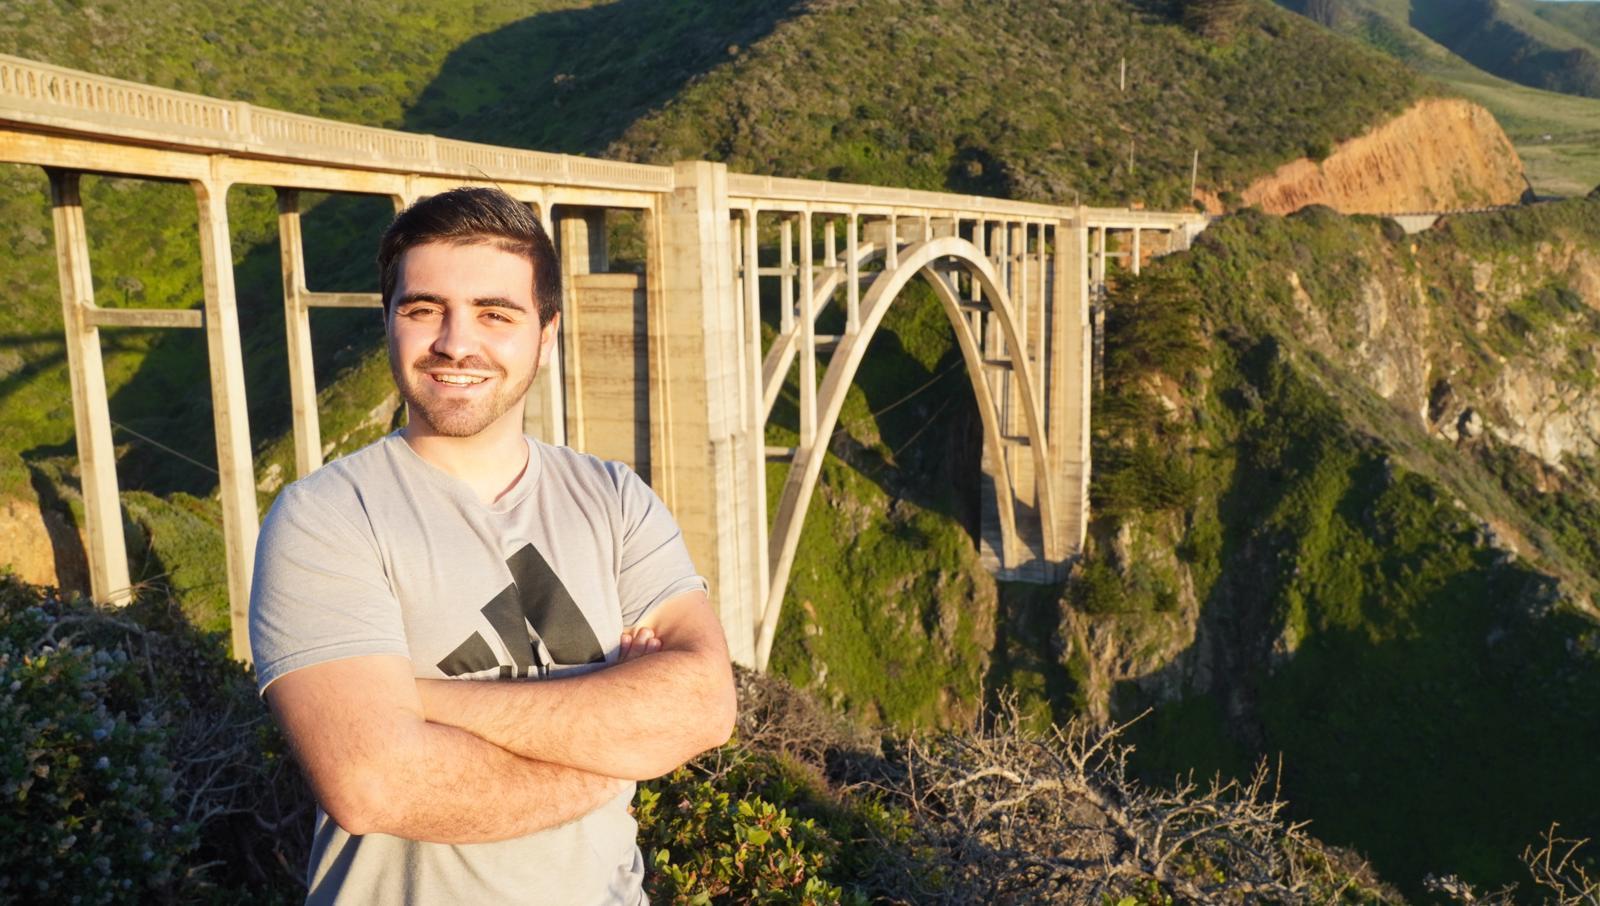 Oscar Barragan